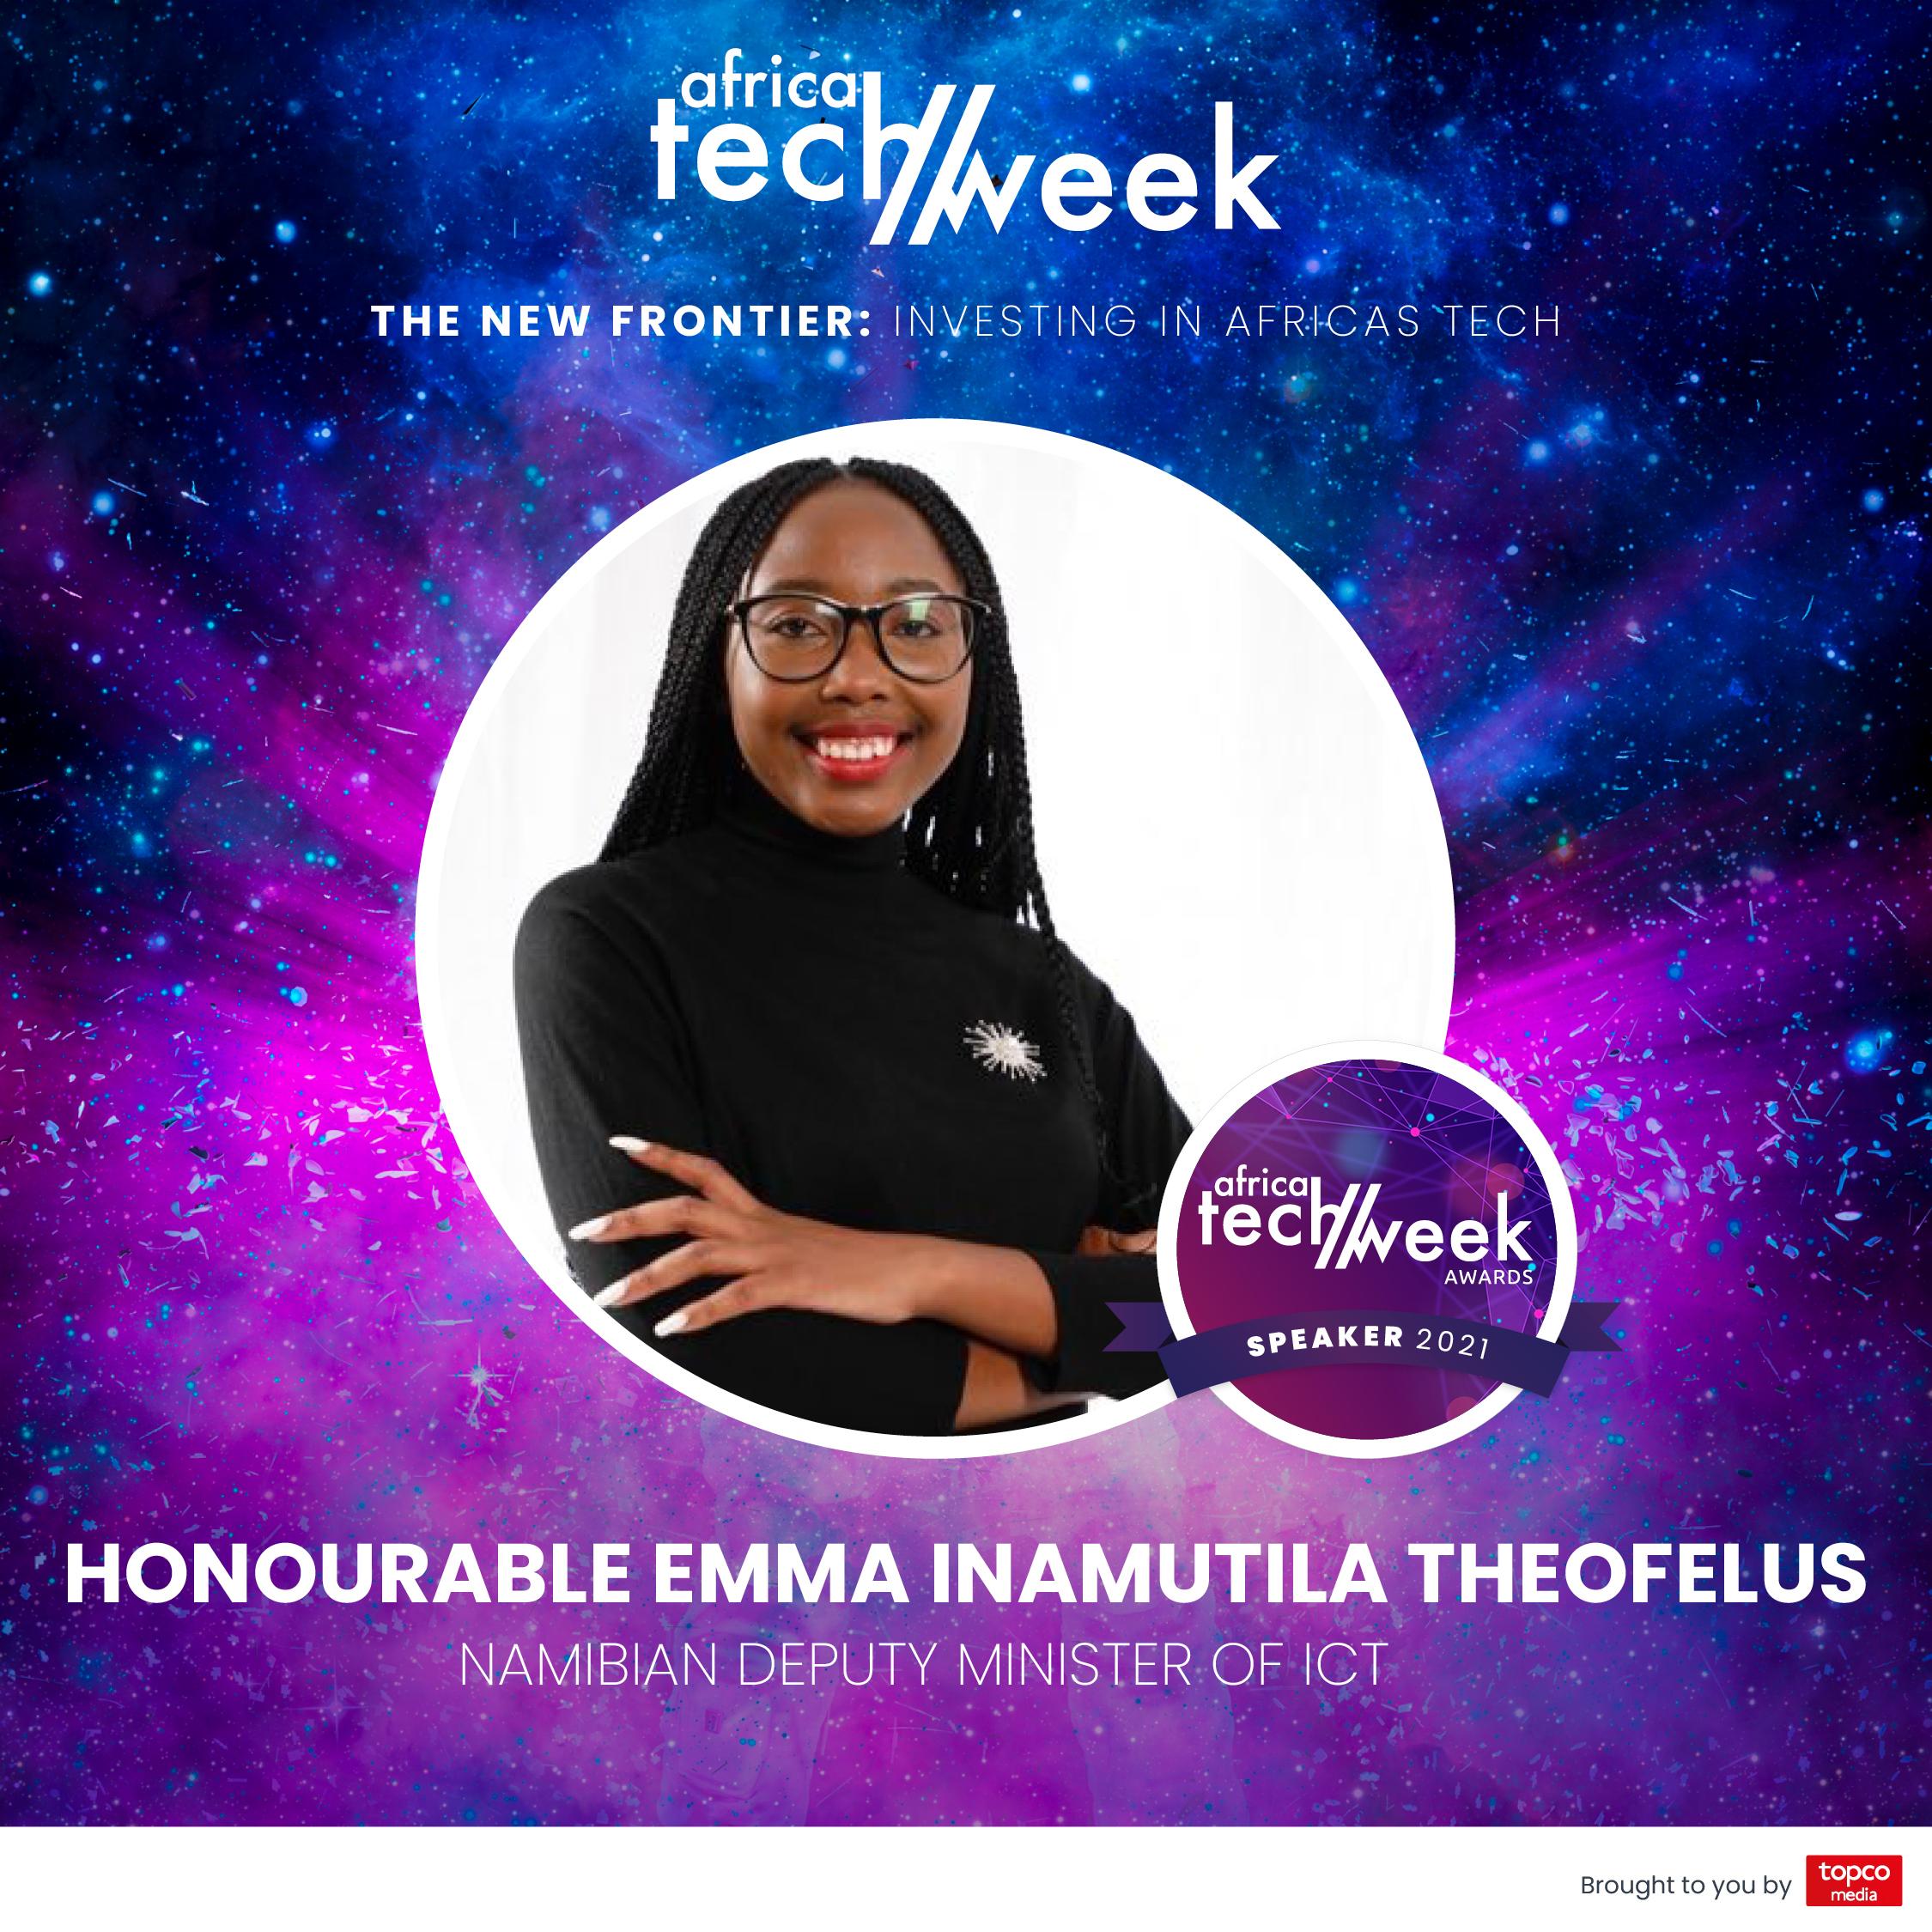 Honourable Emma Inamutila Theofelus